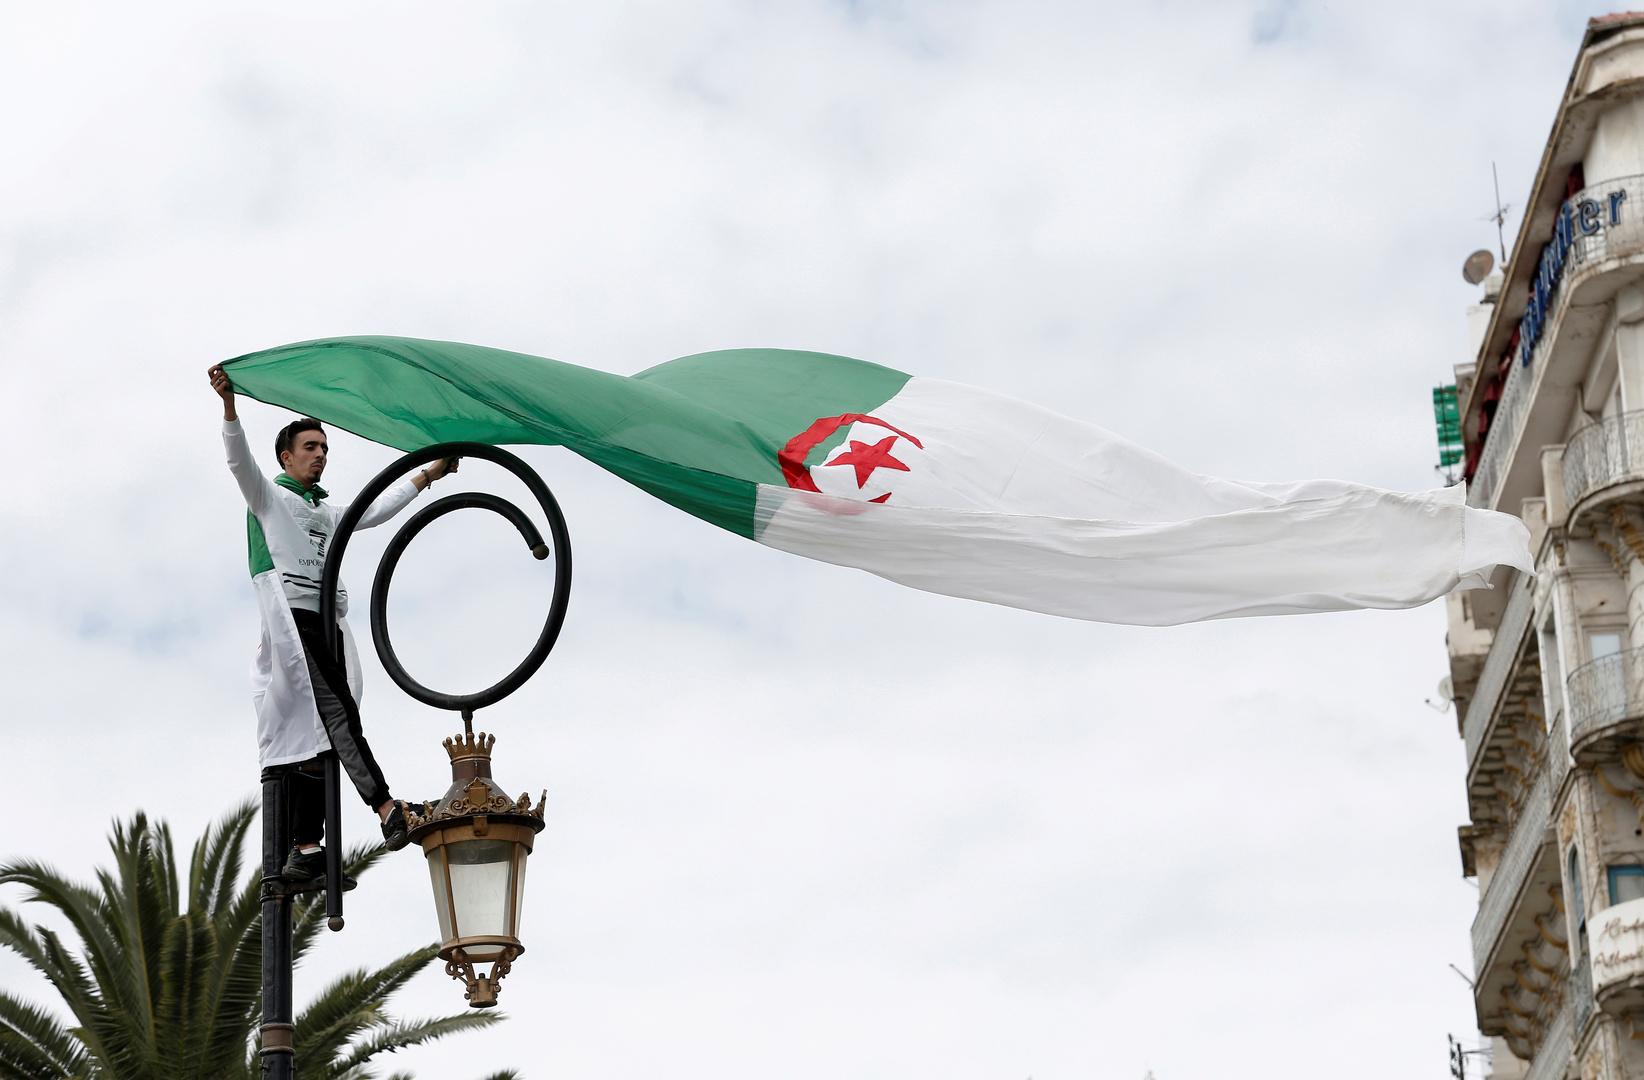 قناة تلفزيونية جزائرية جديدة تثير الجدل بسبب تشابه شعارها مع قناة إسرائيلية